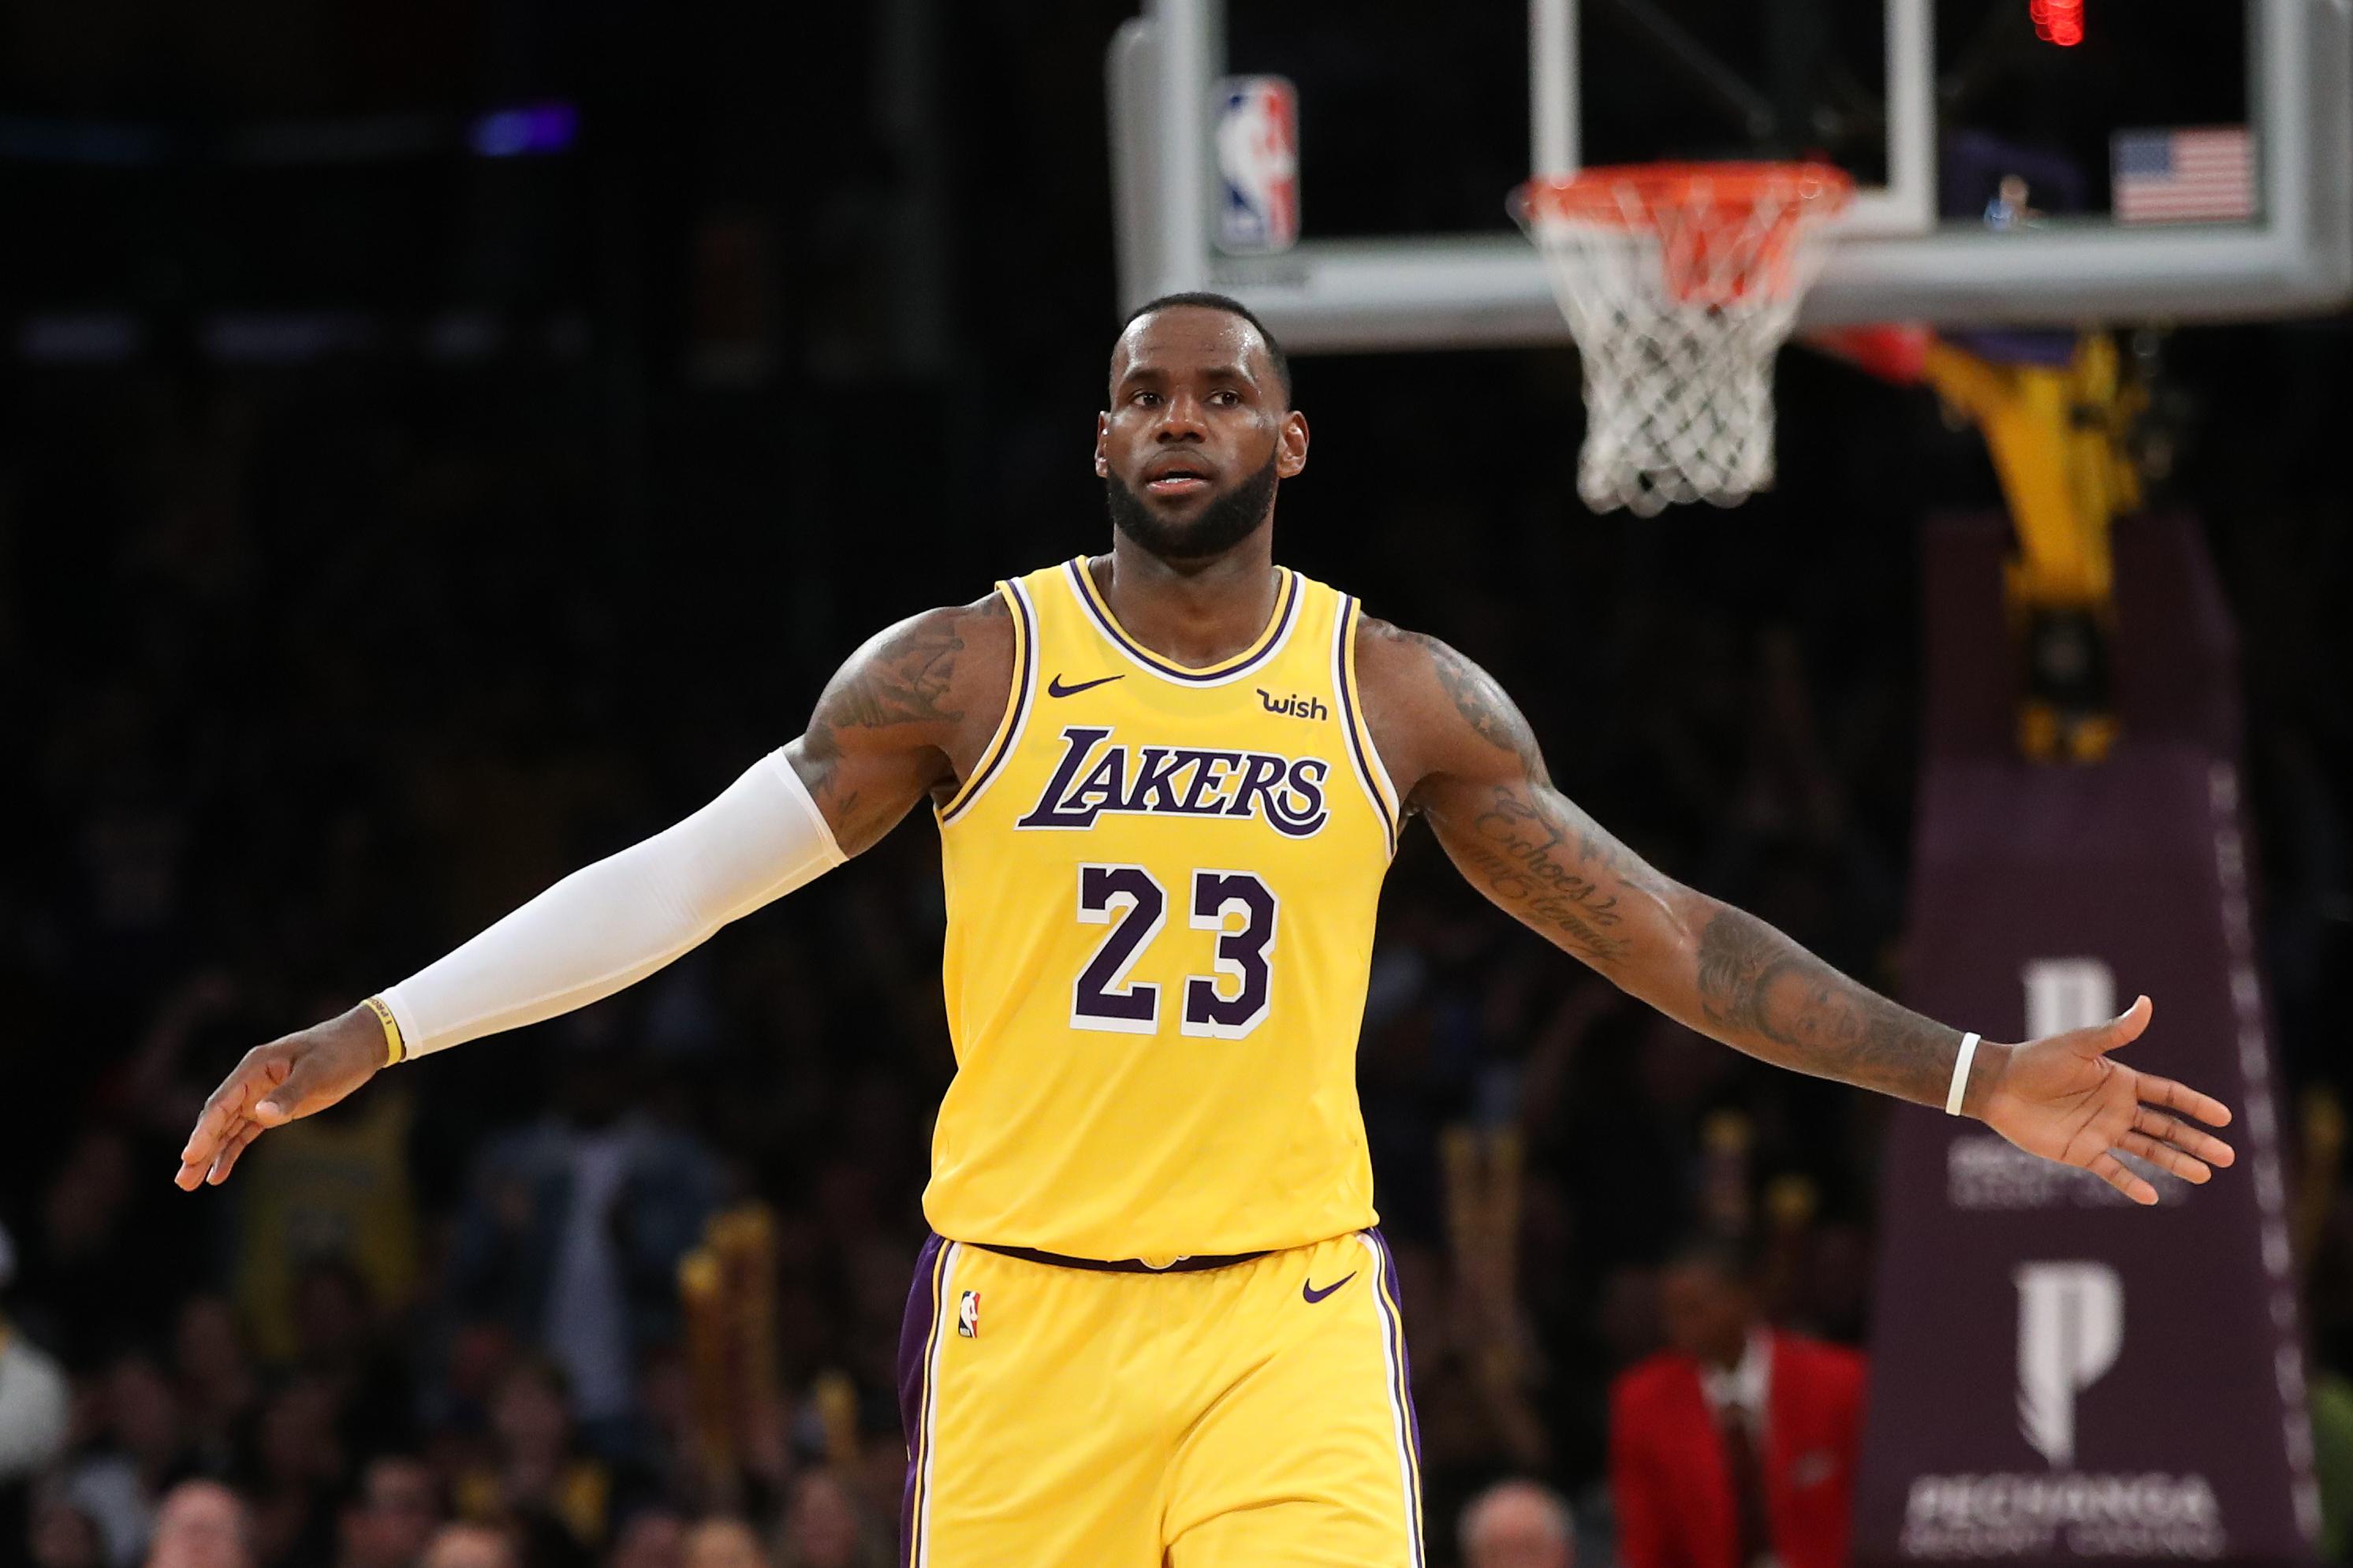 NBA:失败让湖人季后赛失去了机会和广泛